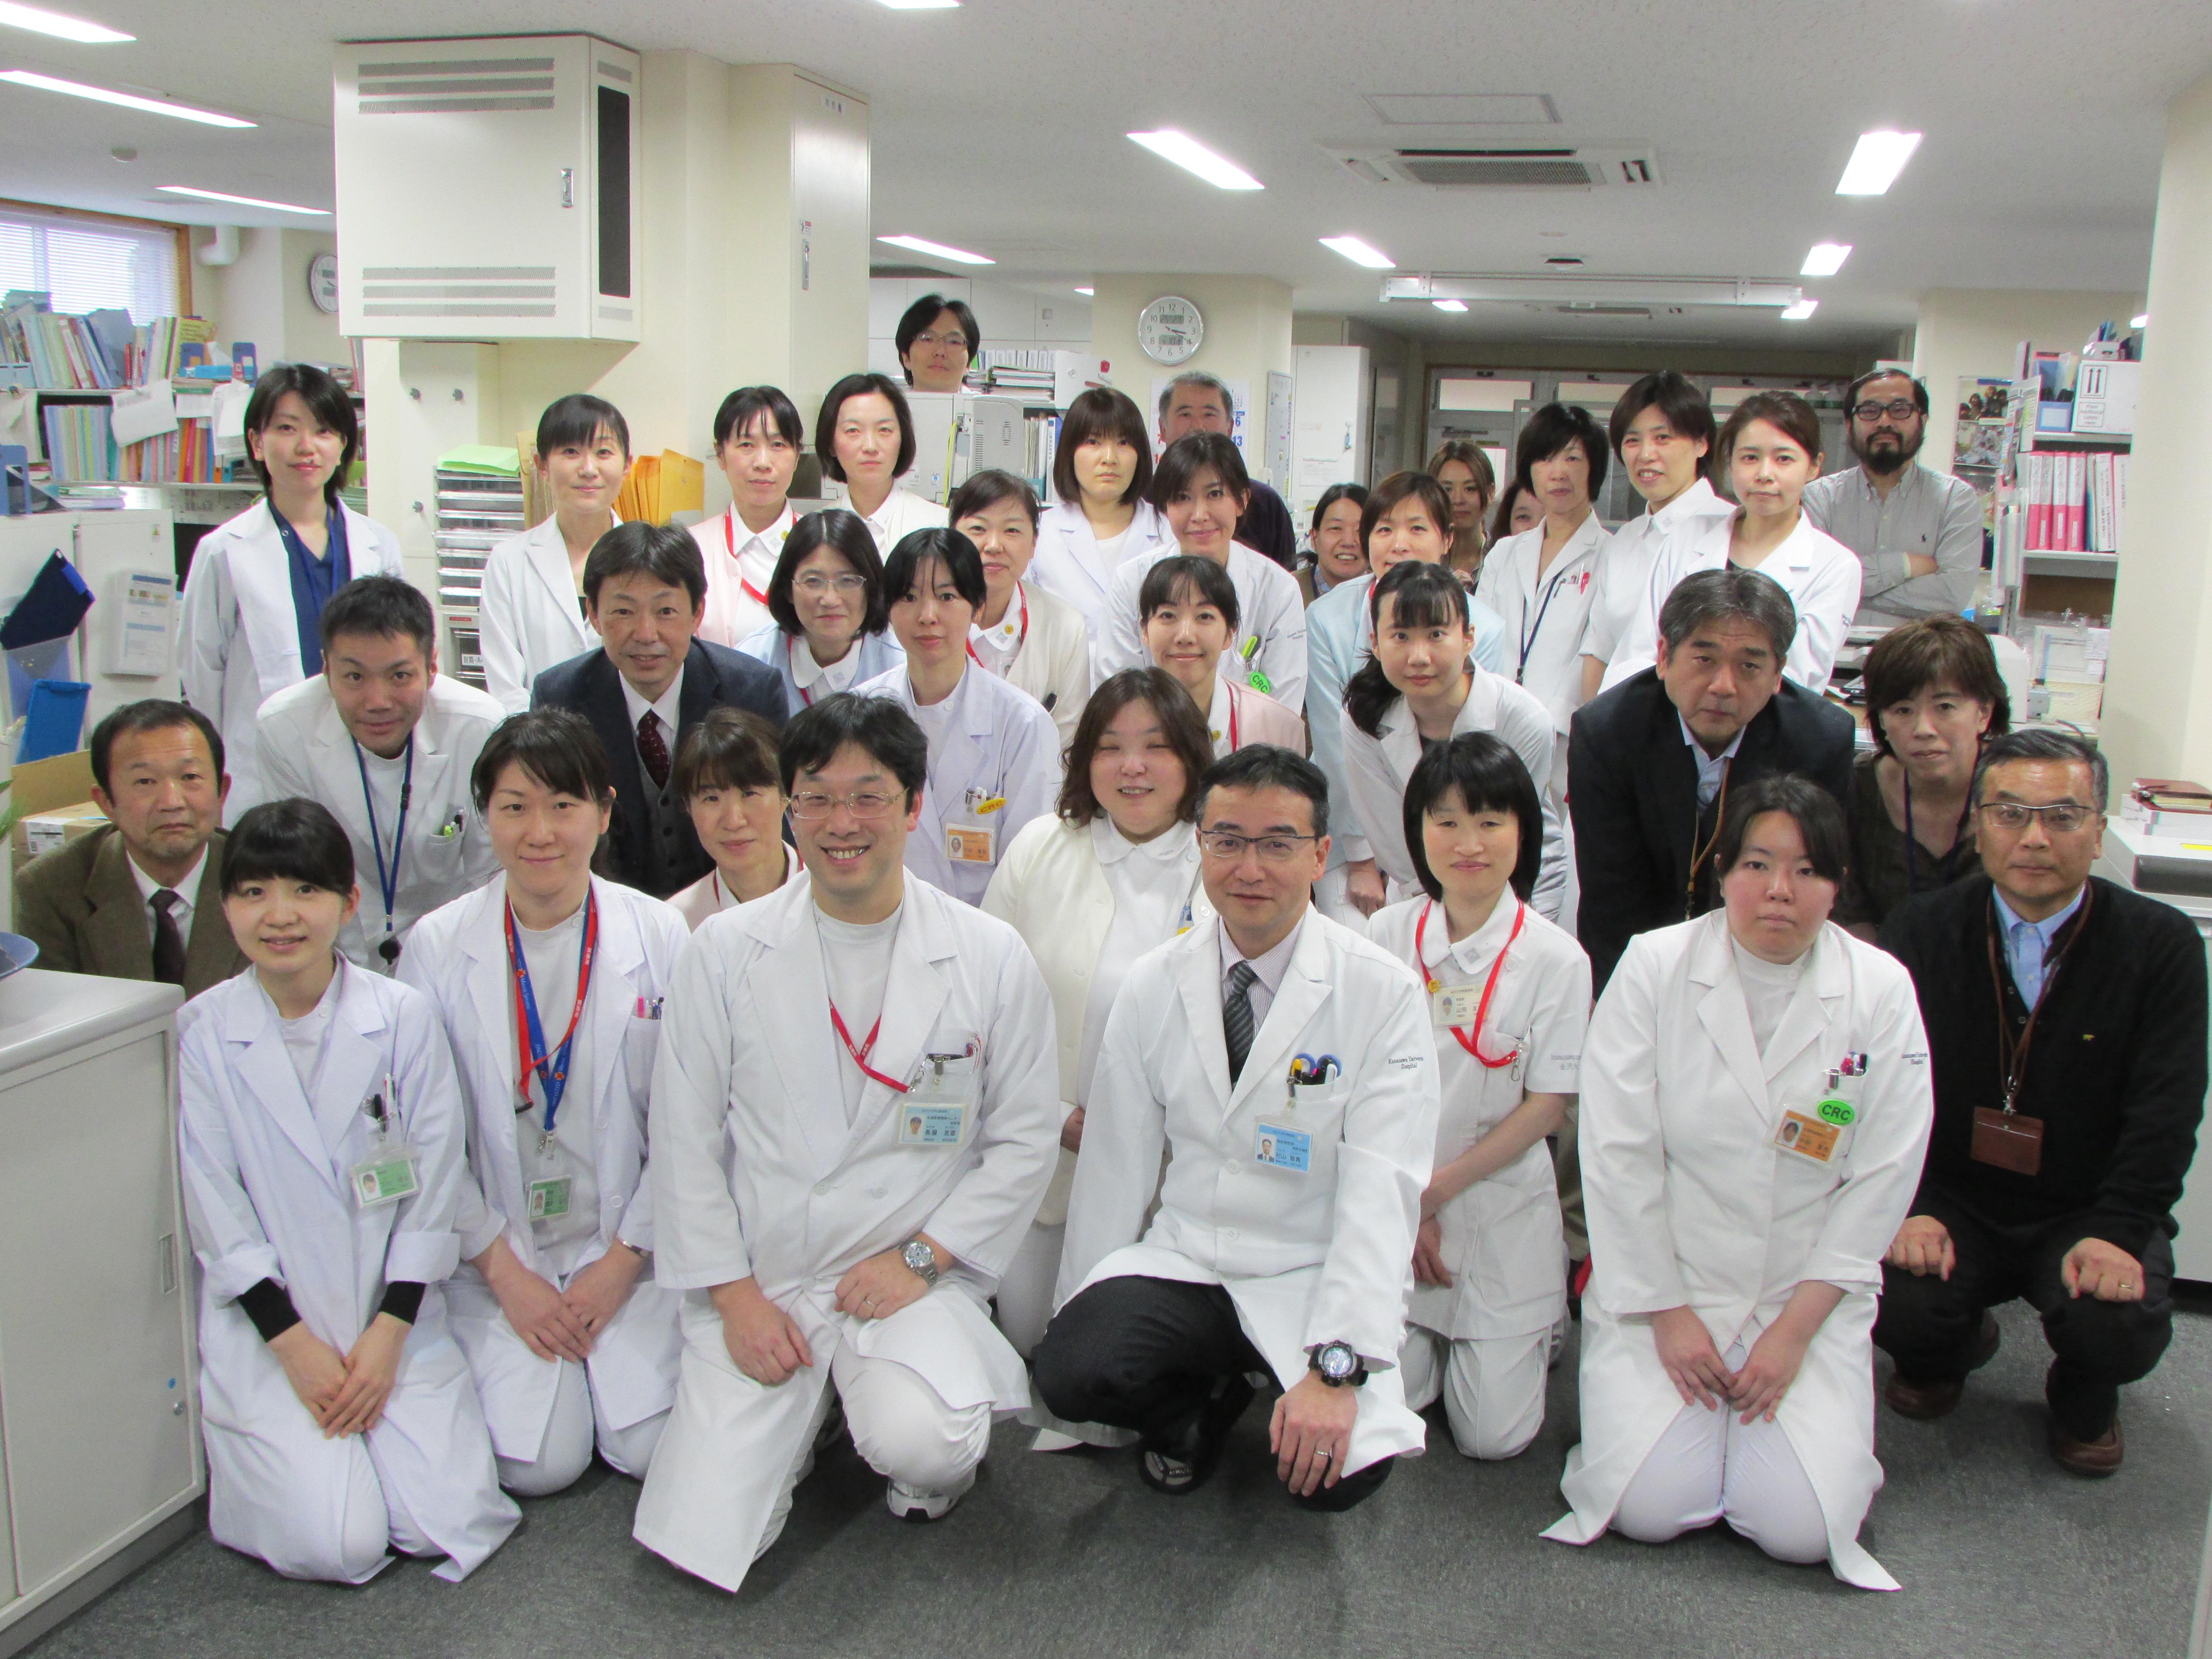 附属 病院 大学 金沢